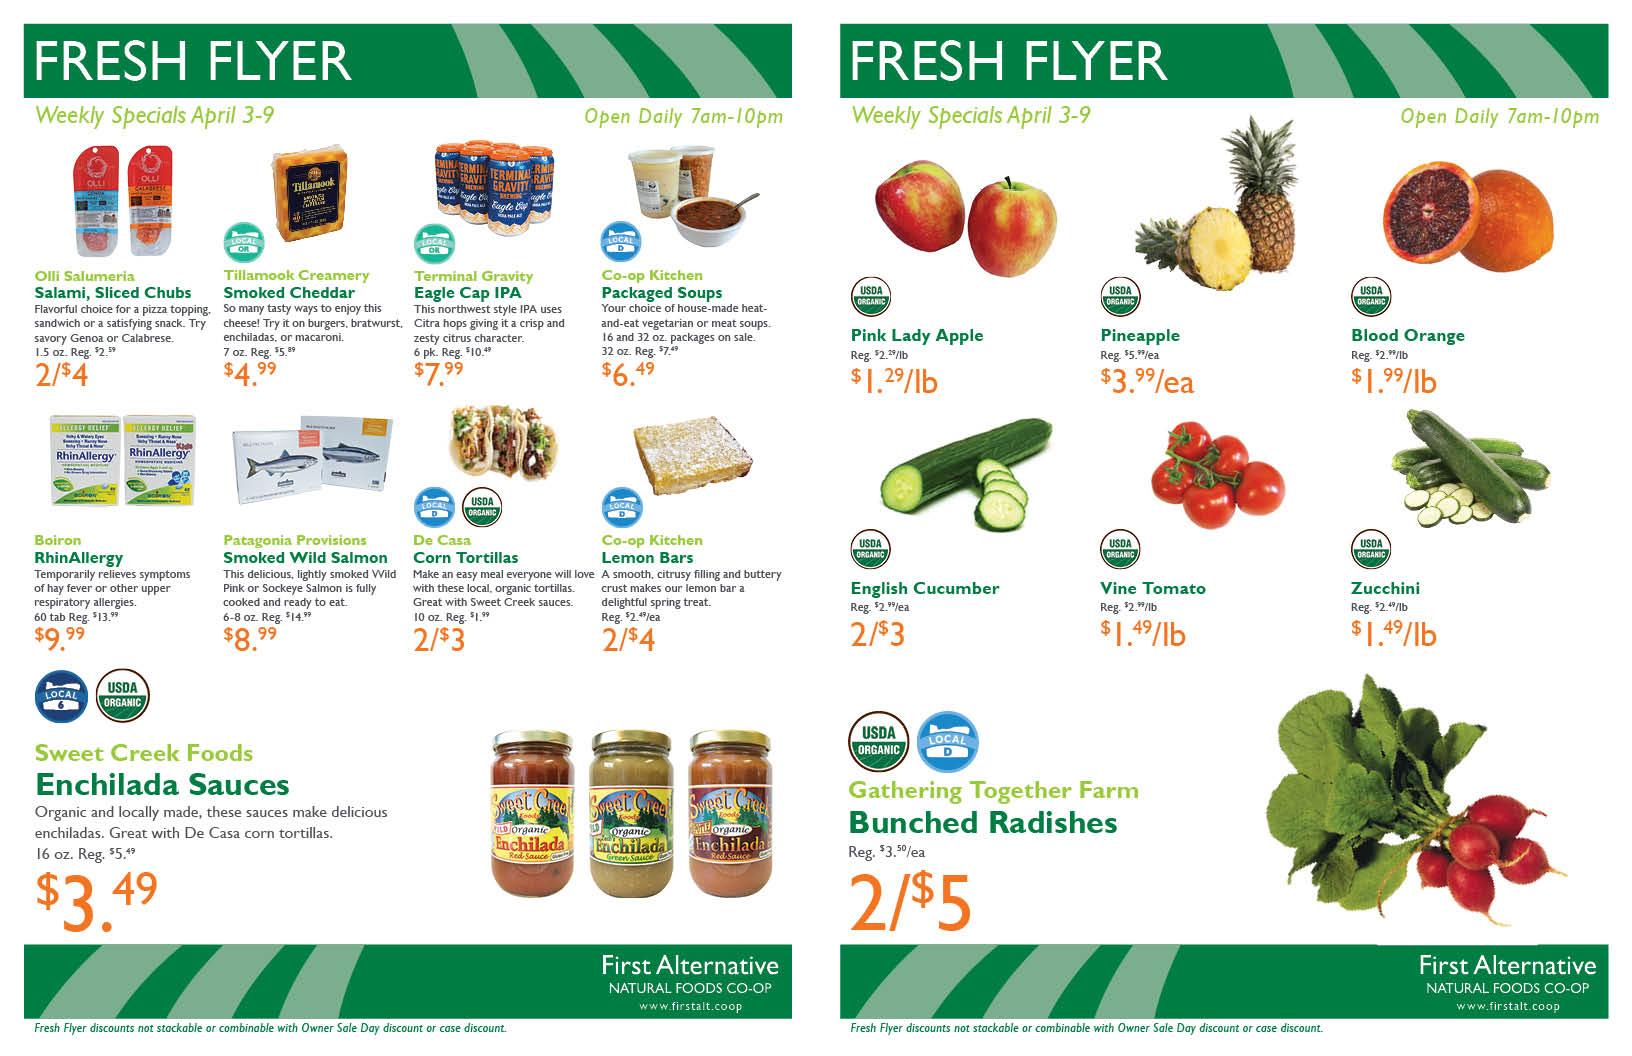 First Alternative Co-op Fresh Flyer April 3-9